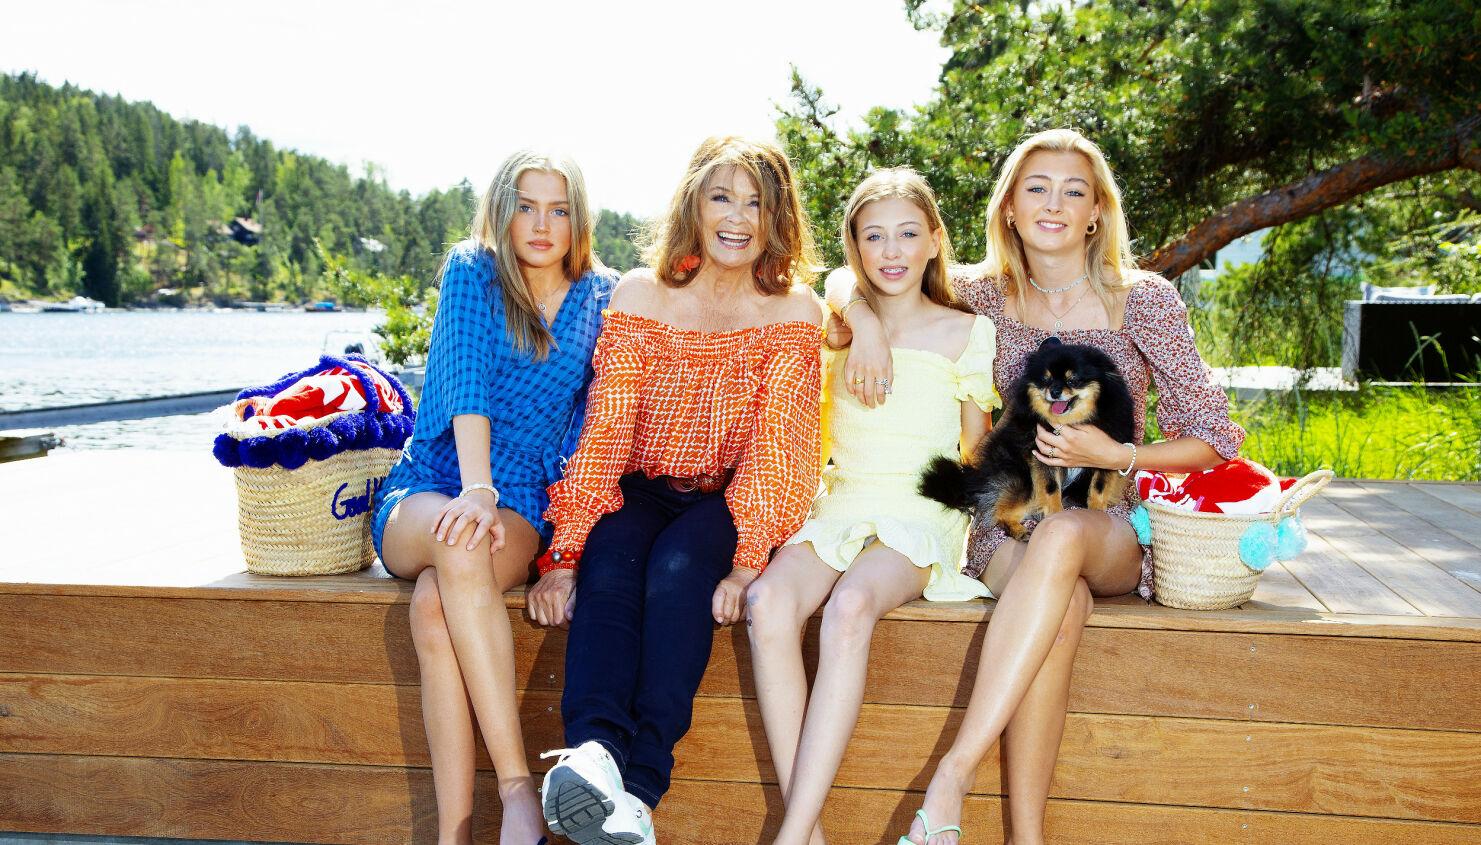 DIGGER BESTEMOR: Wenche Myhre har ti barnebarn. Denne dagen var Jessica (f.v.), Filippa og Julia på besøk i sommervarmen. Foto: Tor Kvello